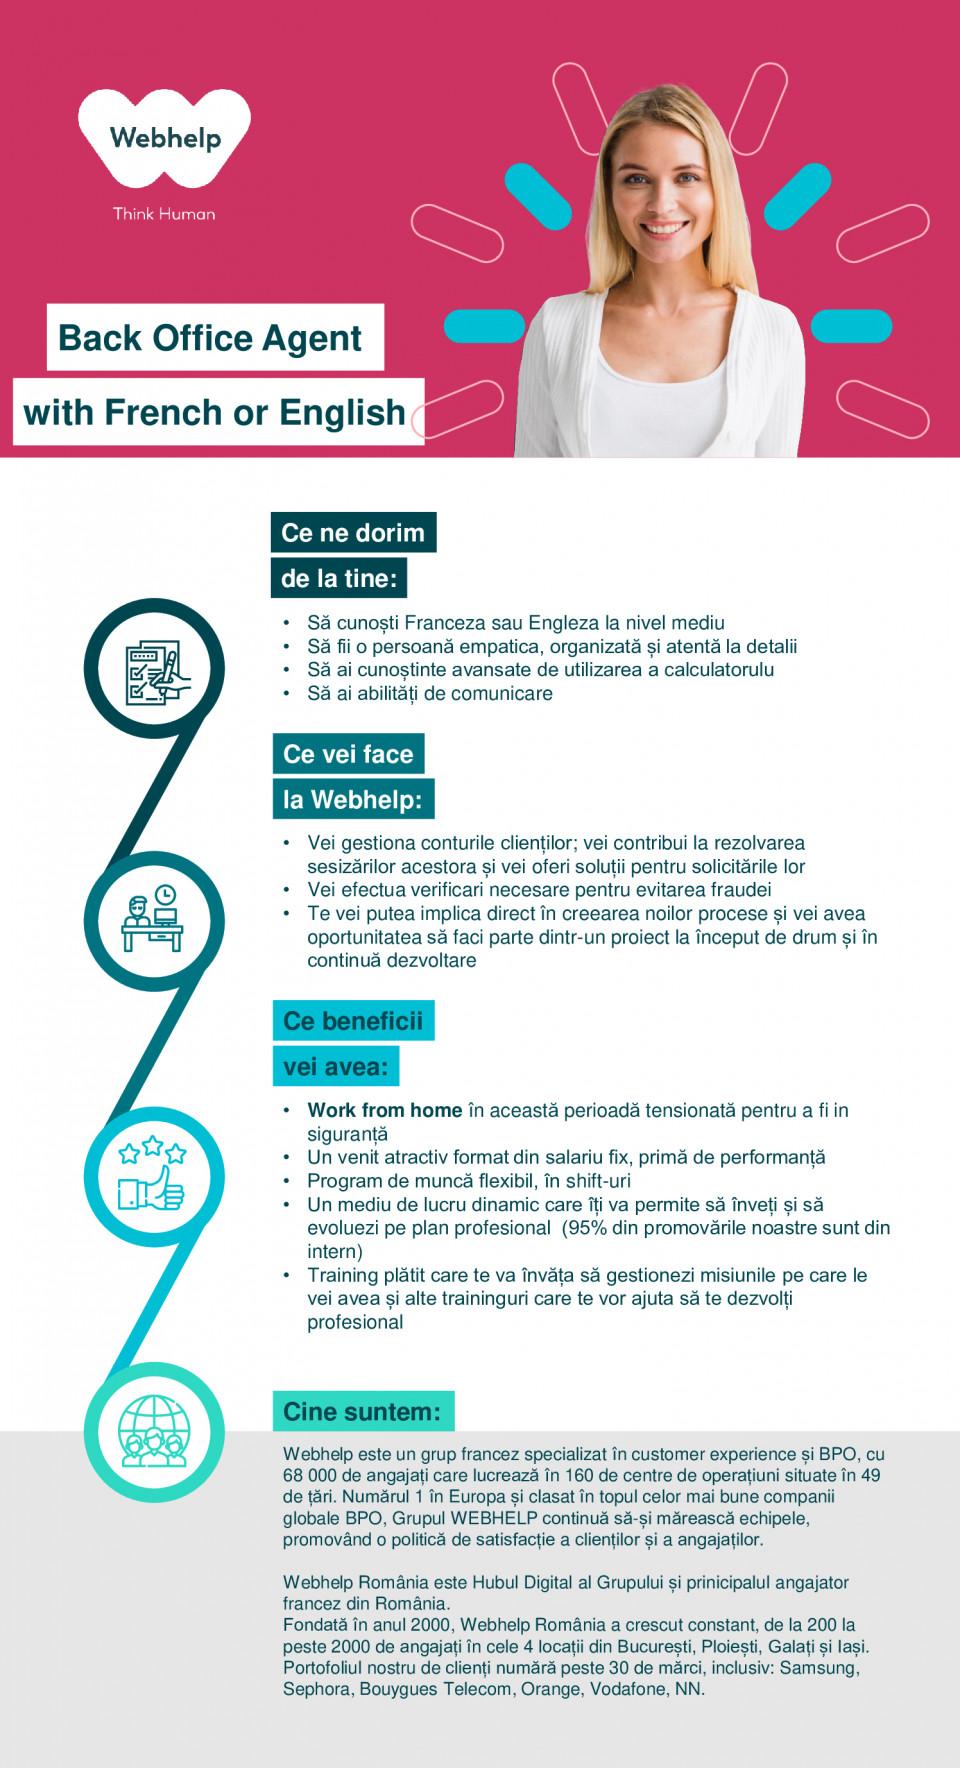 Back Office Agent with French or English call center, relationare clienti, customer support, advisor, customer care, franceza, engleza  Ce ne dorim de la tine: Ce beneficii vei avea: Ce vei face la Webhelp: Cine suntem: • Să cunoști Franceza la nivel începător spre mediu, cunoștințele de limbă engleză reprezintă un plus • Să fii orientat către nevoile clientului și să te adaptezi ușor • Să ai capacitate de analiză și atenție la detalii • Să ai excelente abilități de comunicare • Gestionezi conturile clienților; vei contribui la rezolvarea sesizărilor acestora și vei oferi soluții pentru solicitările lor • Efectuezi modificări administrative • Te vei putea implica direct în creearea noilor procese și vei avea oportunitatea să faci parte dintr-un proiect la început de drum și în continuă dezvoltare • Program de muncă flexibil și adaptat nevoilor tale (inclusiv parttime) • Un mediu de lucru tanăr, dinamic care îți va permite să înveți și să evoluezi pe plan profesional • (95% din promovările noastre sunt din intern) • Training pentru a înțelege mai bine produsele clientului și pentru a ști să promovezi imaginea mărcii. De asemenea, vei beneficia și de alte traininguri care te vor ajuta să îți dezvolți mai bine orientarea spre client, abilitătile analitice și munca în echipă. • WEBHELP este un grup francez specializat în customer care management, cu 50 000 de angajați care lucrează în 140 de centre de contact situate în 35 de tări. Numărul 1 în Europa și clasat în topul celor mai bune companii globale BPO, Grupul WEBHELP continuă să-și mărească echipele, promovând o politică de satisfacție a clienților și a angajaților. • În România, WEBHELP numără peste 2000 de angajați, care lucrează în 4 centre de contact din București, Galați, Iași și Ploiești, iar printre cei mai mari clienți ai noștri se numără : Sephora, Samsung, Vodafone, Orange, etc.  call center, relationare clienti, customer support, advisor, customer care, franceza, back office